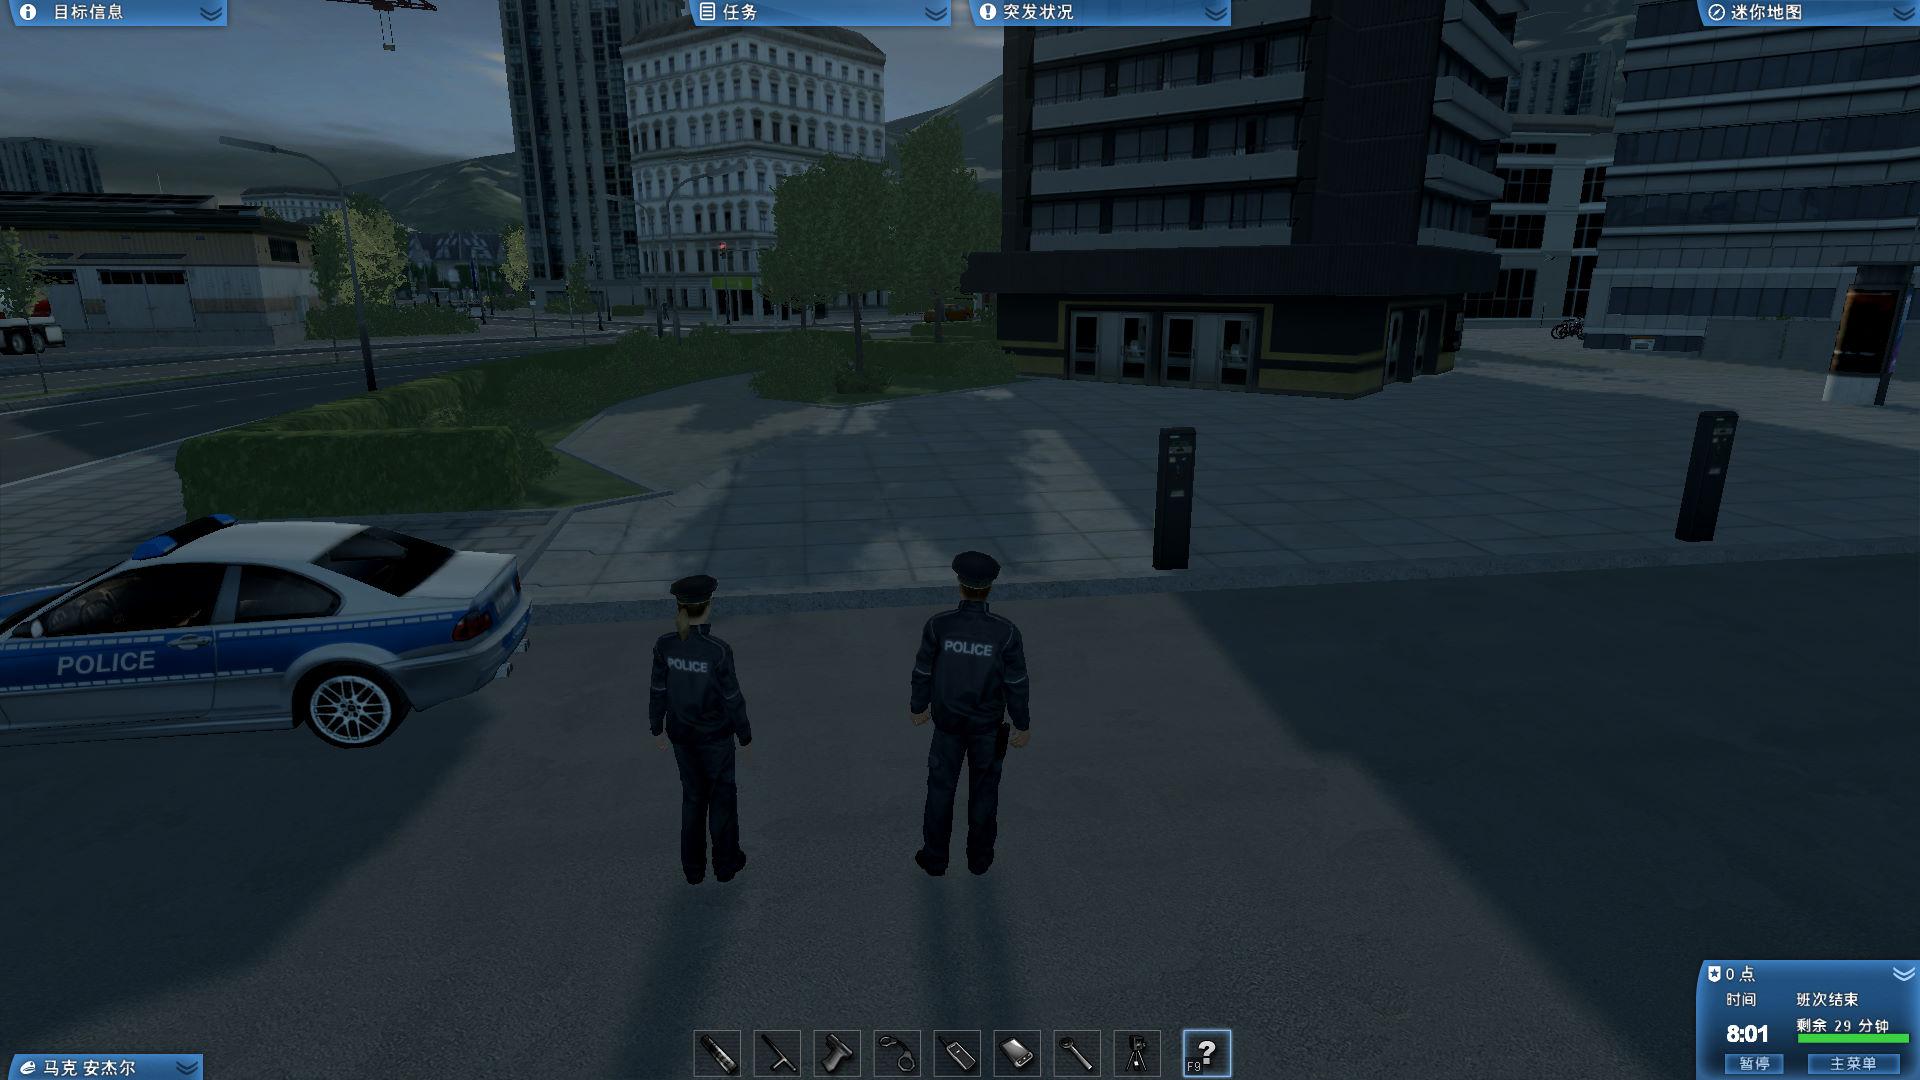 《警察部队》免安装中文版